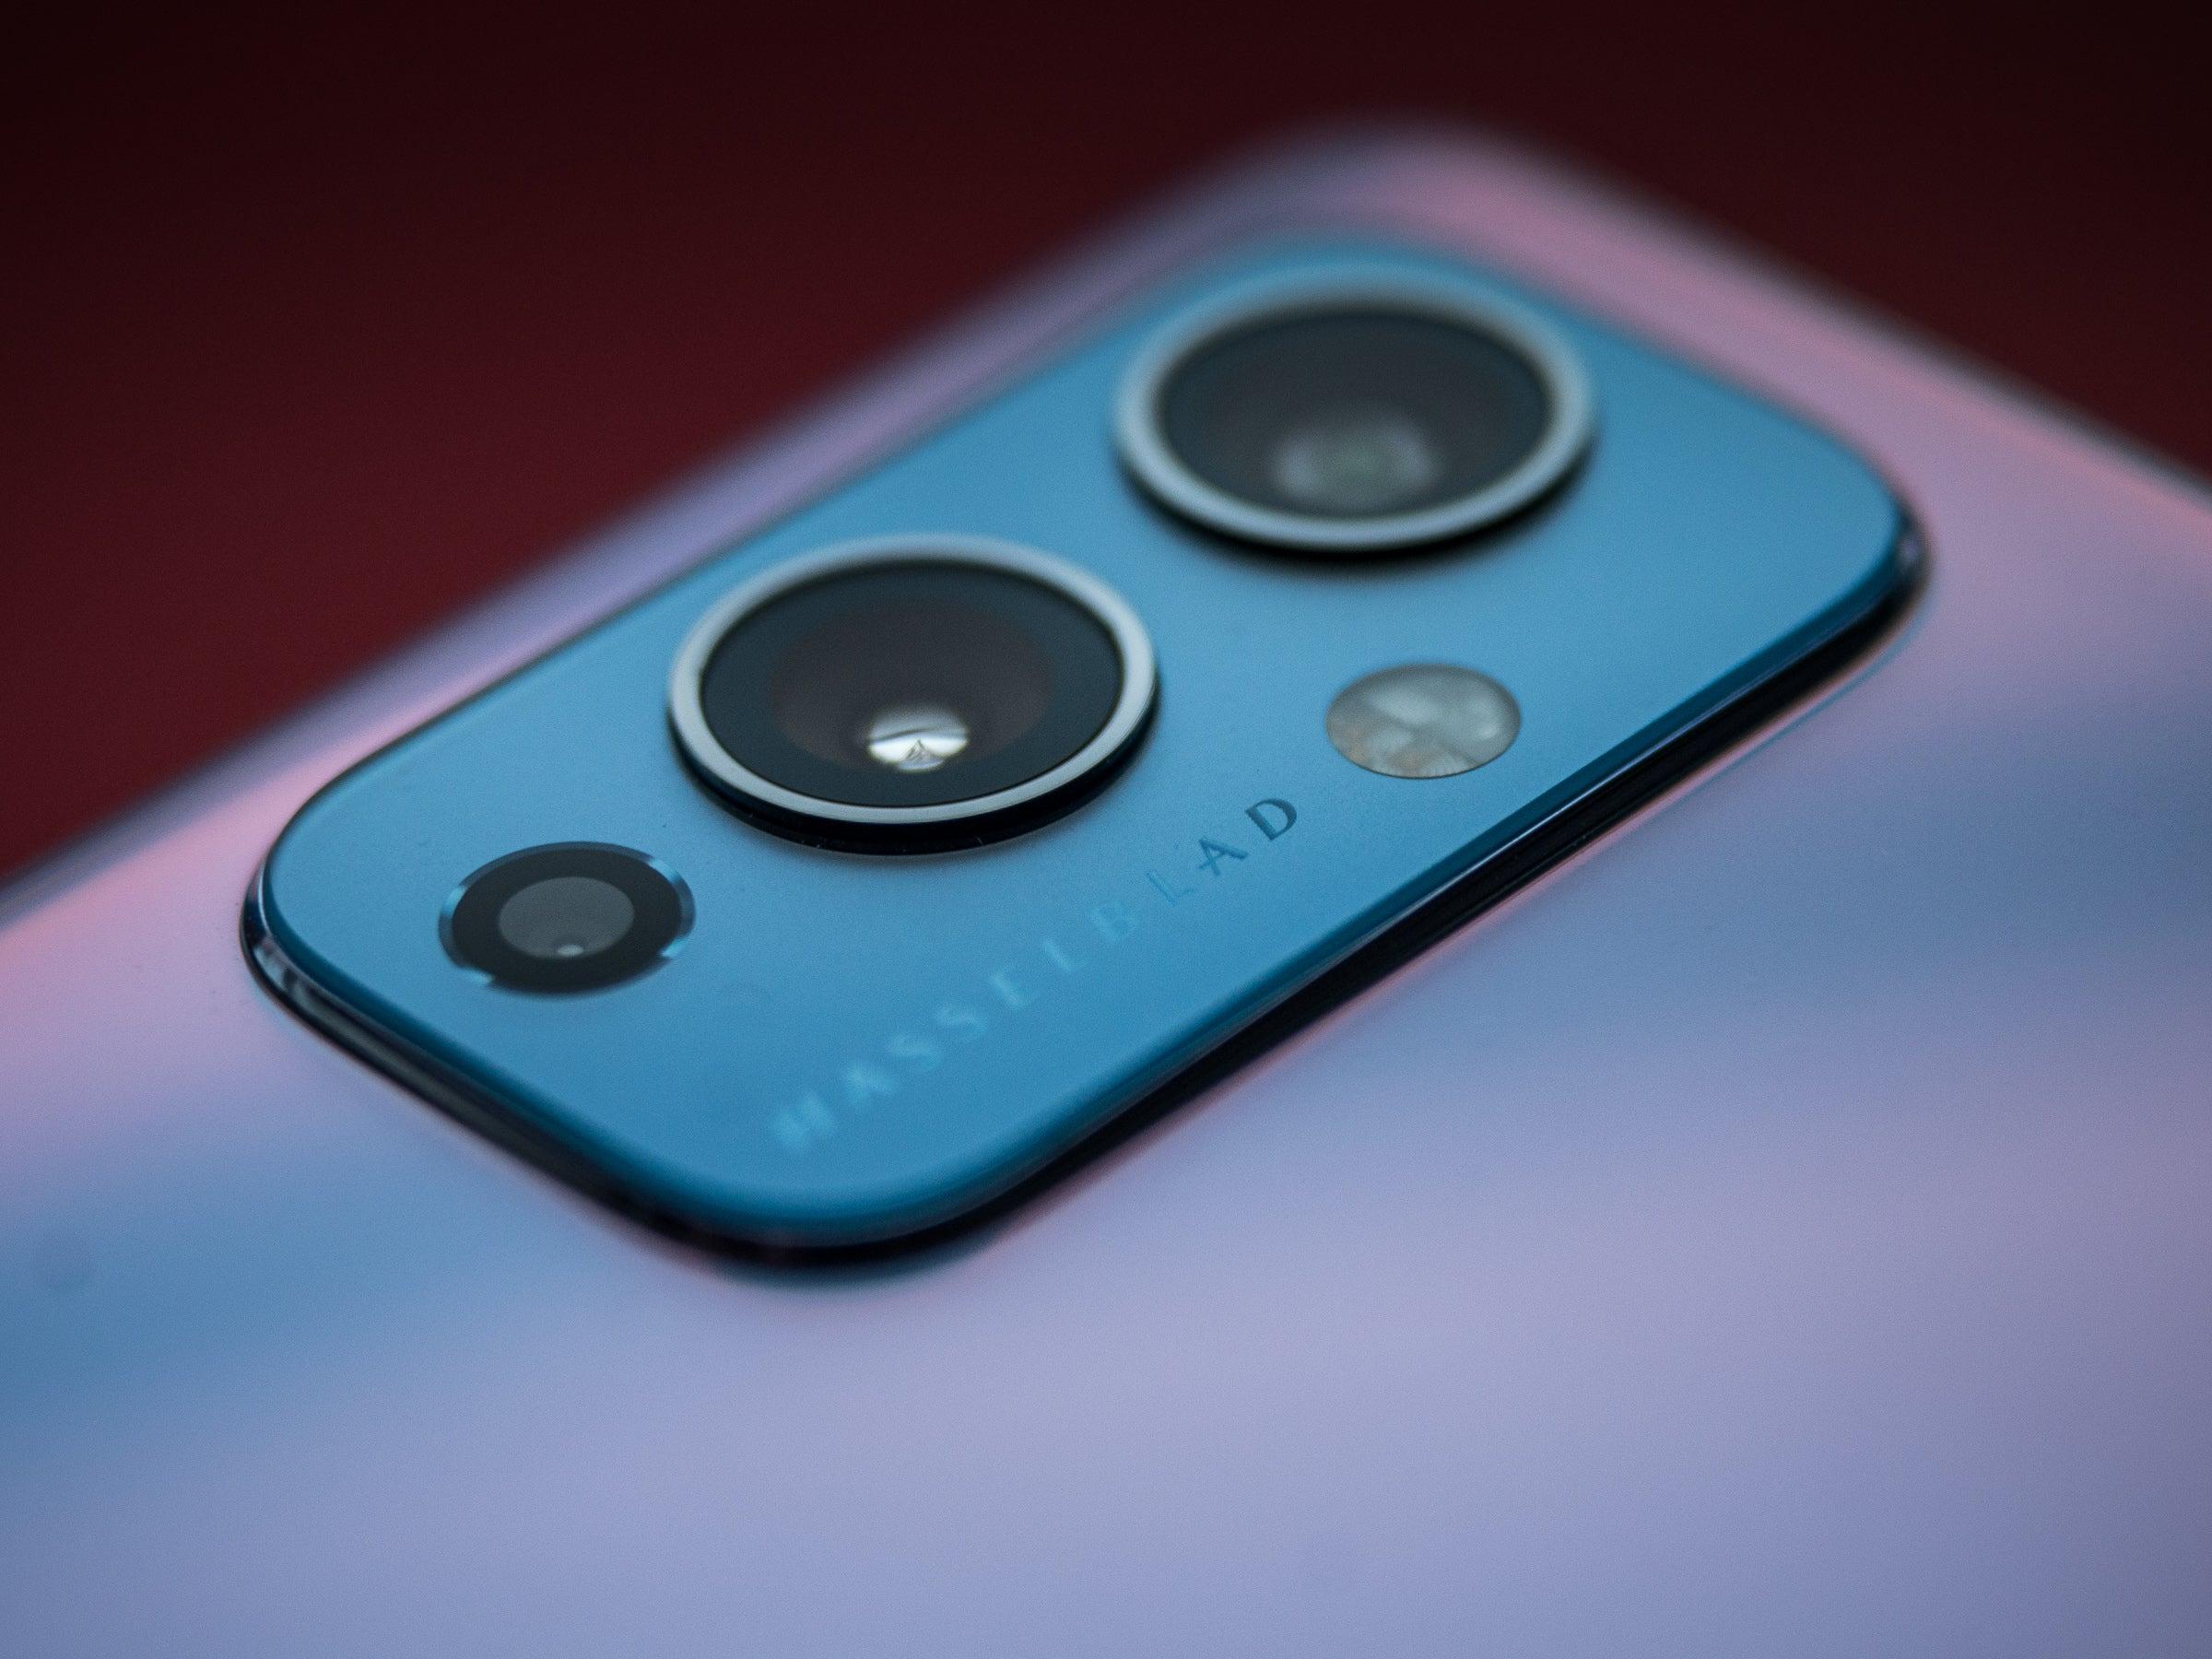 Drei Kameras, von denen zwei Fotos machen können